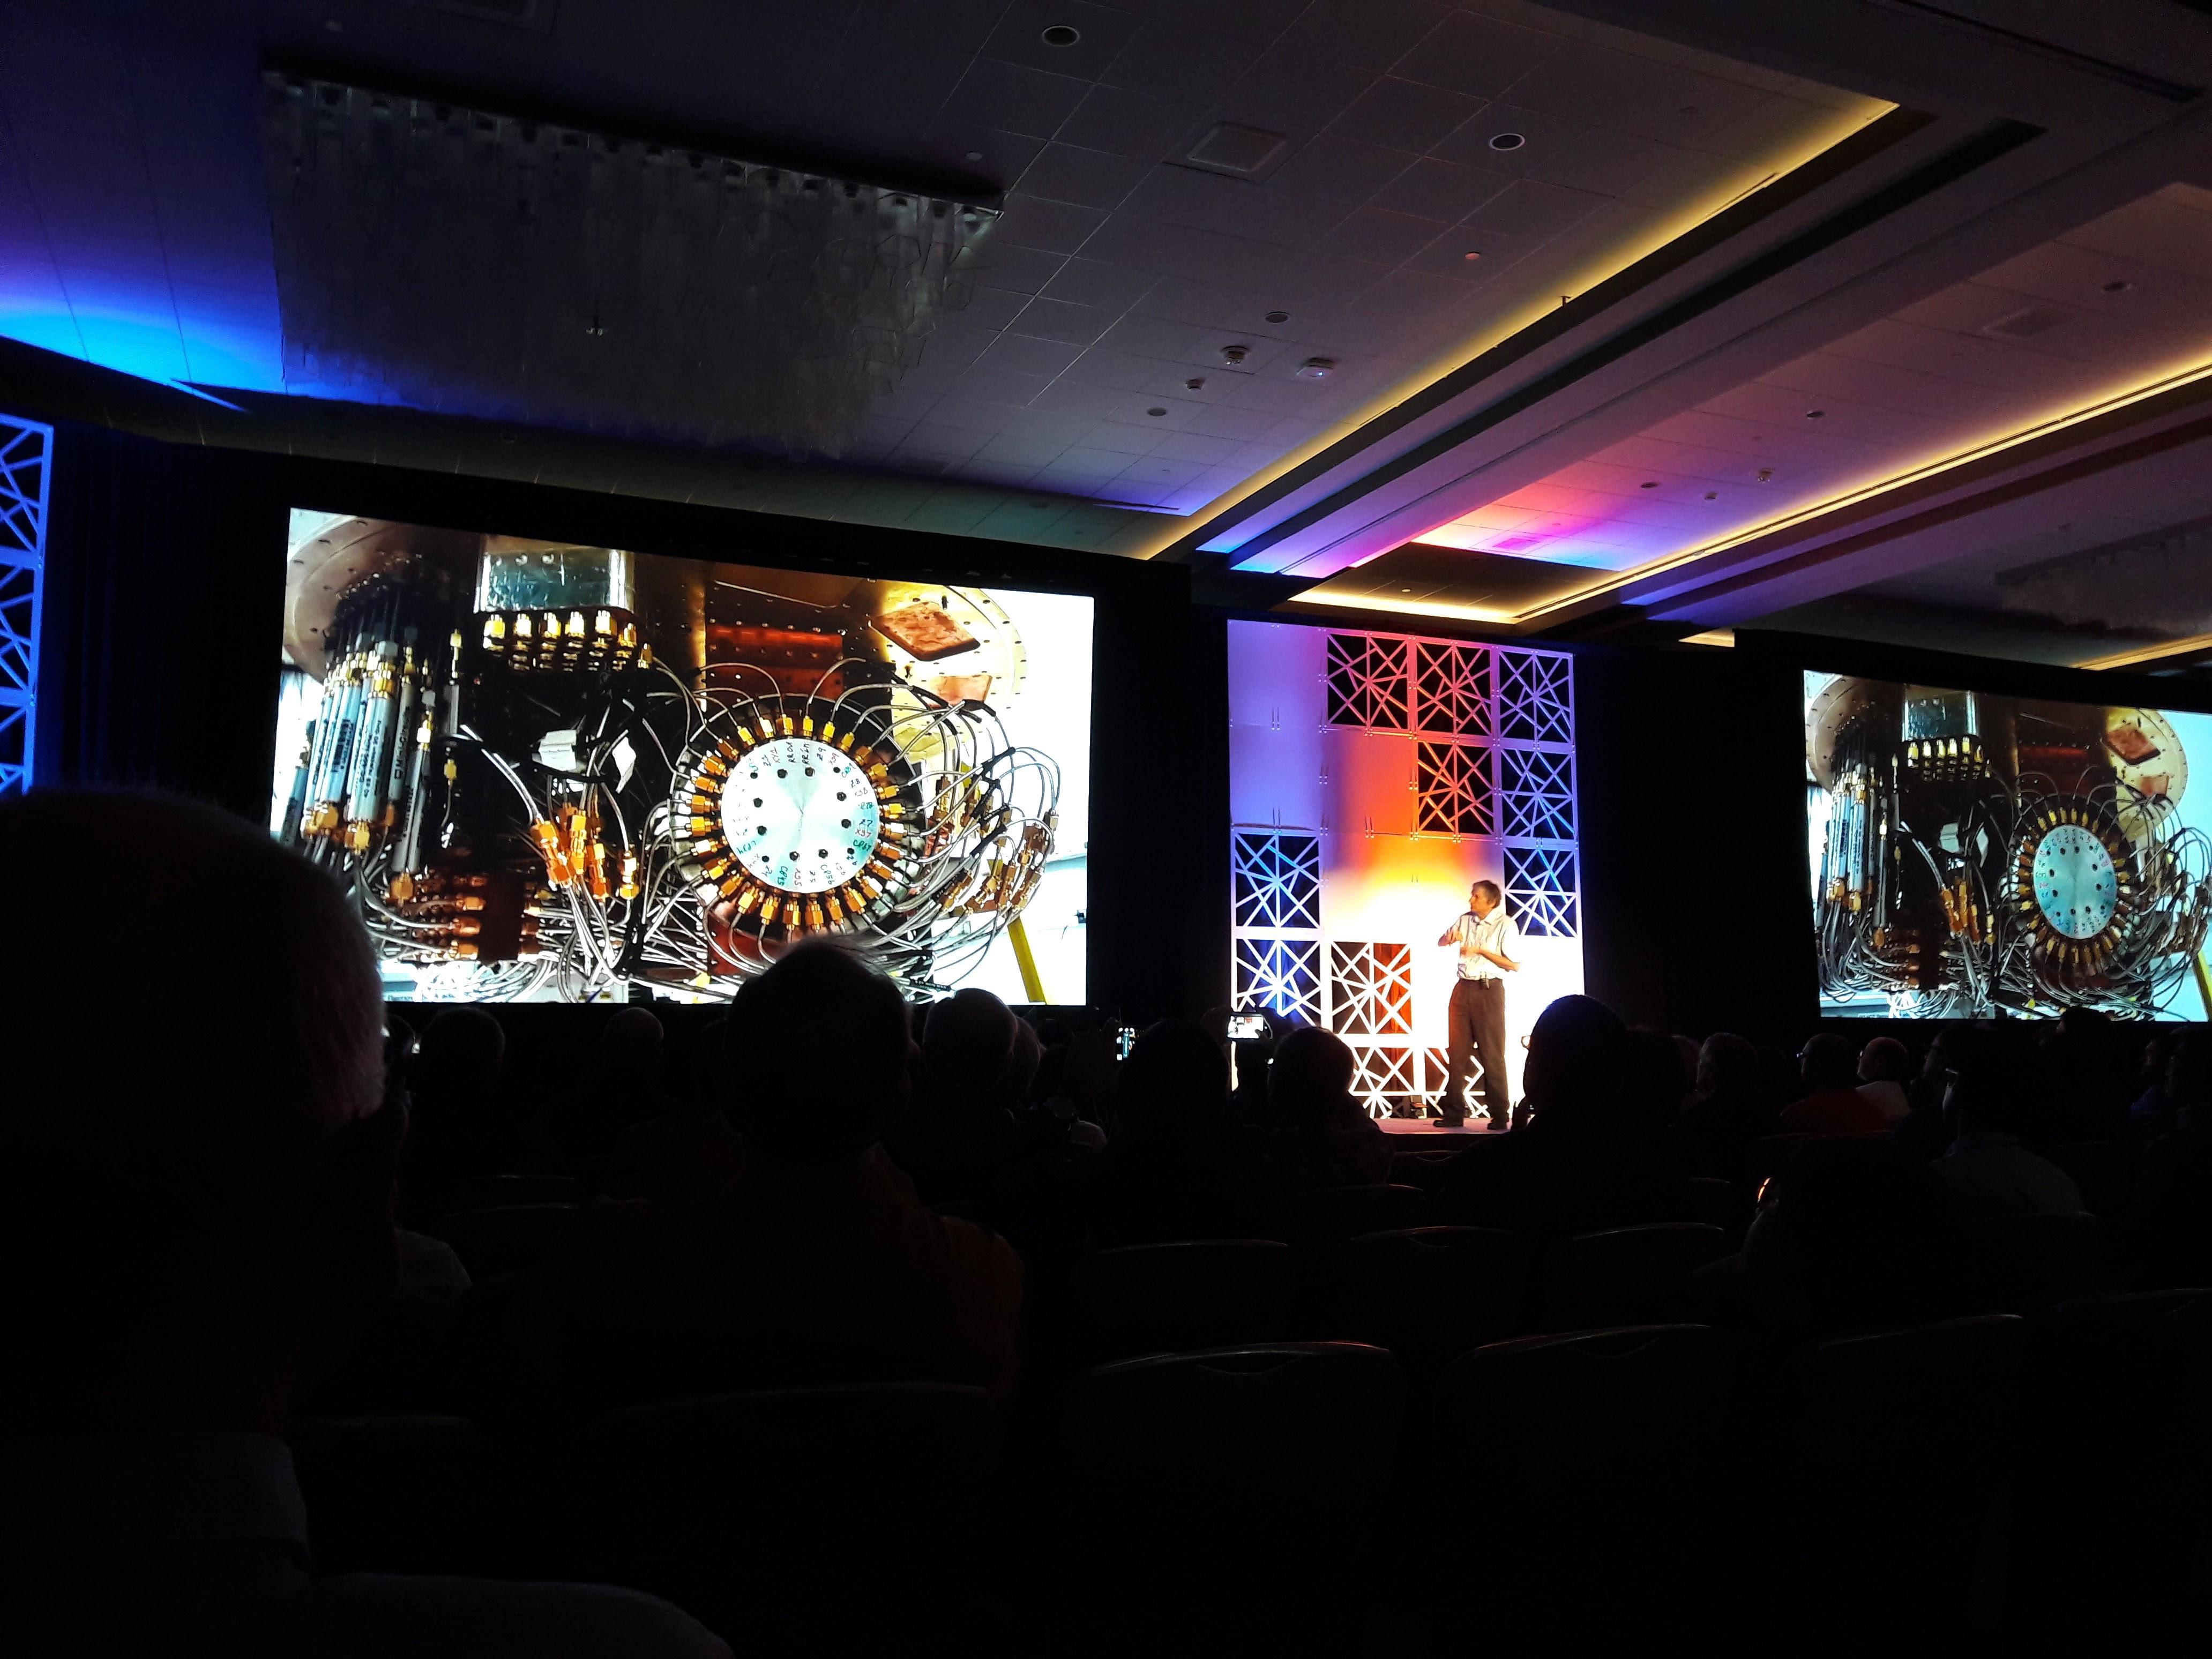 양자컴퓨터에 대한 소개 장면